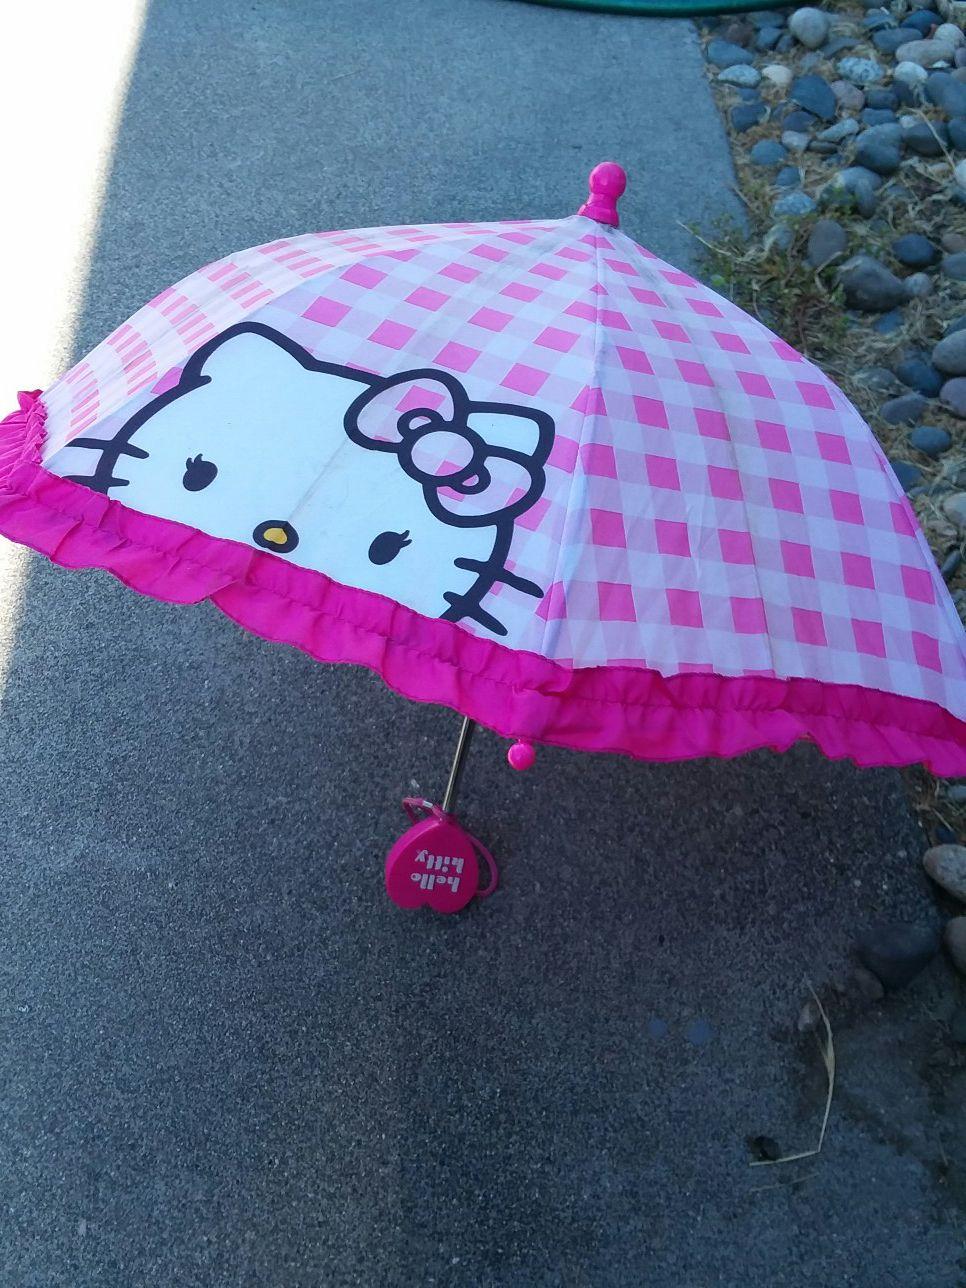 Small child's umbrella